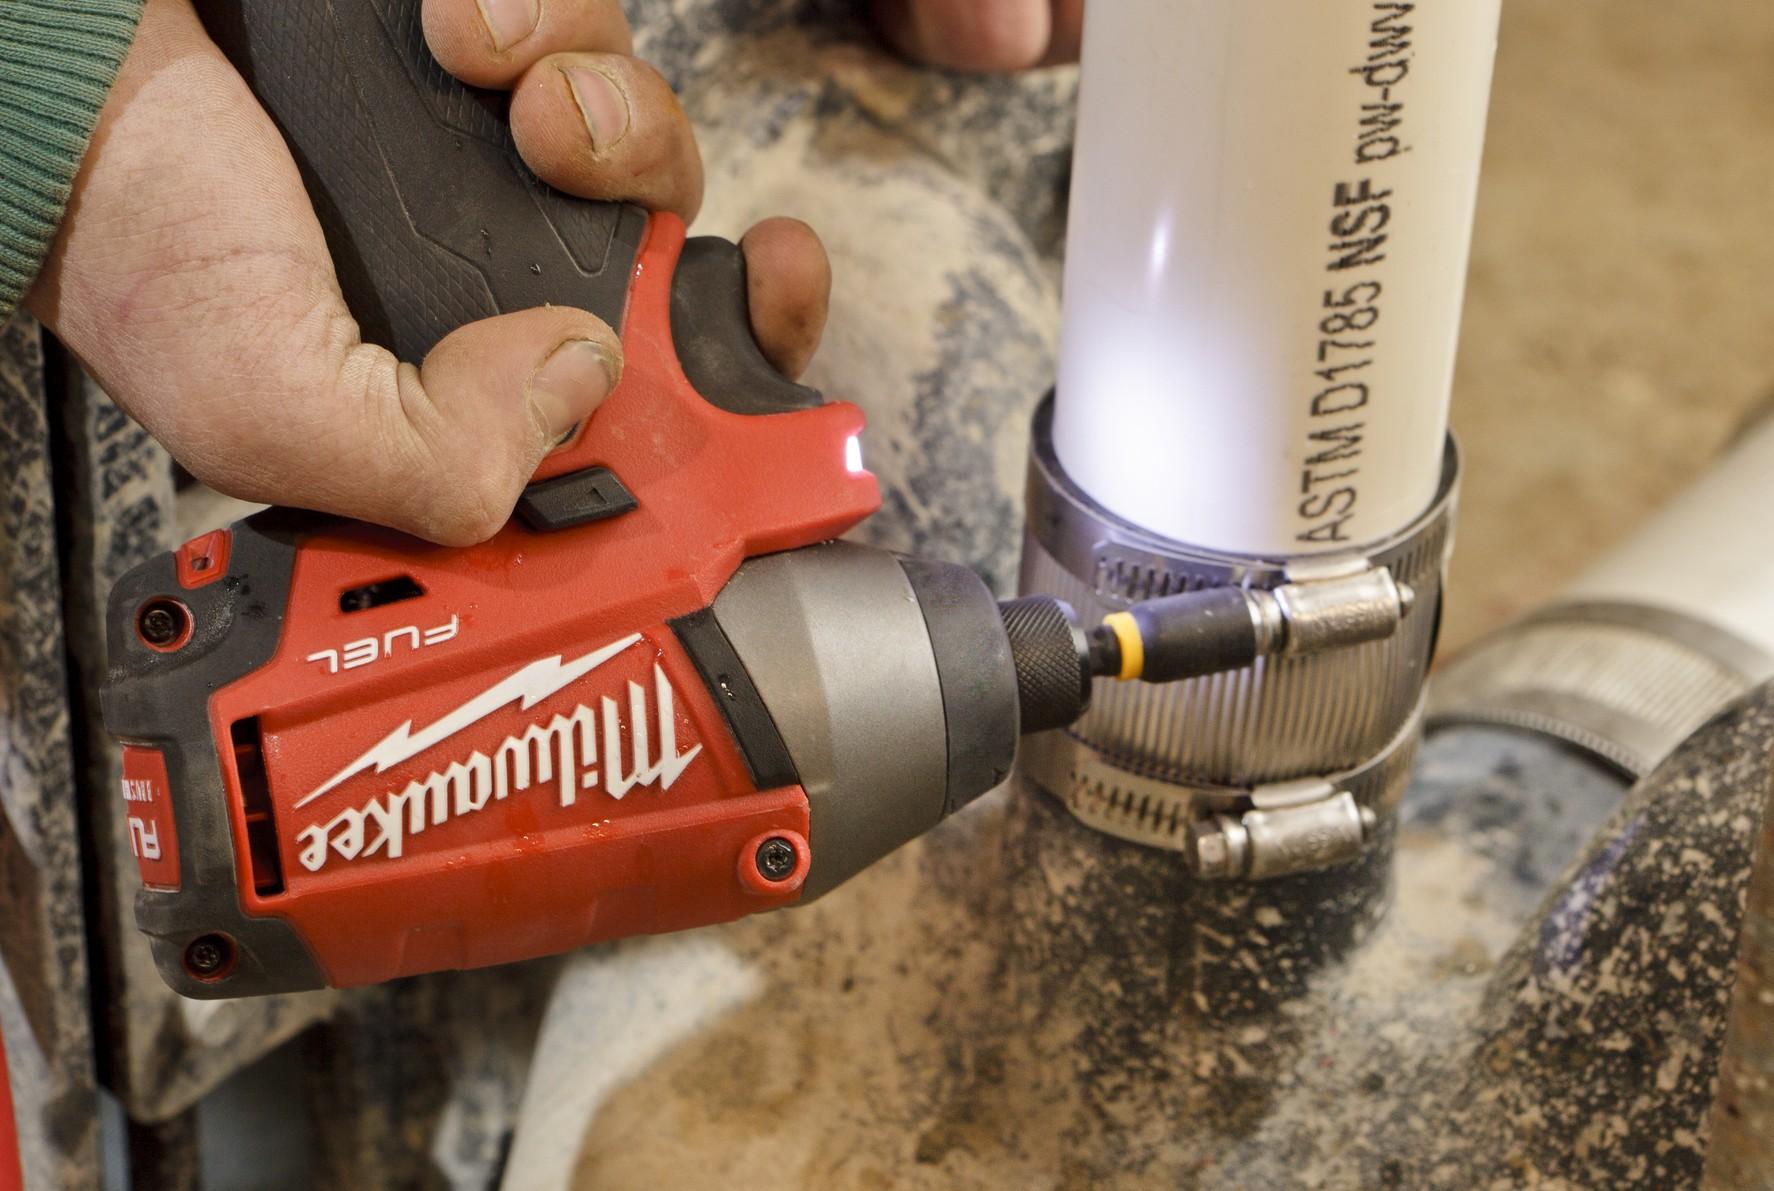 El incre ble destornillador de impacto constru gu a al d a - Destornillador de impacto ...